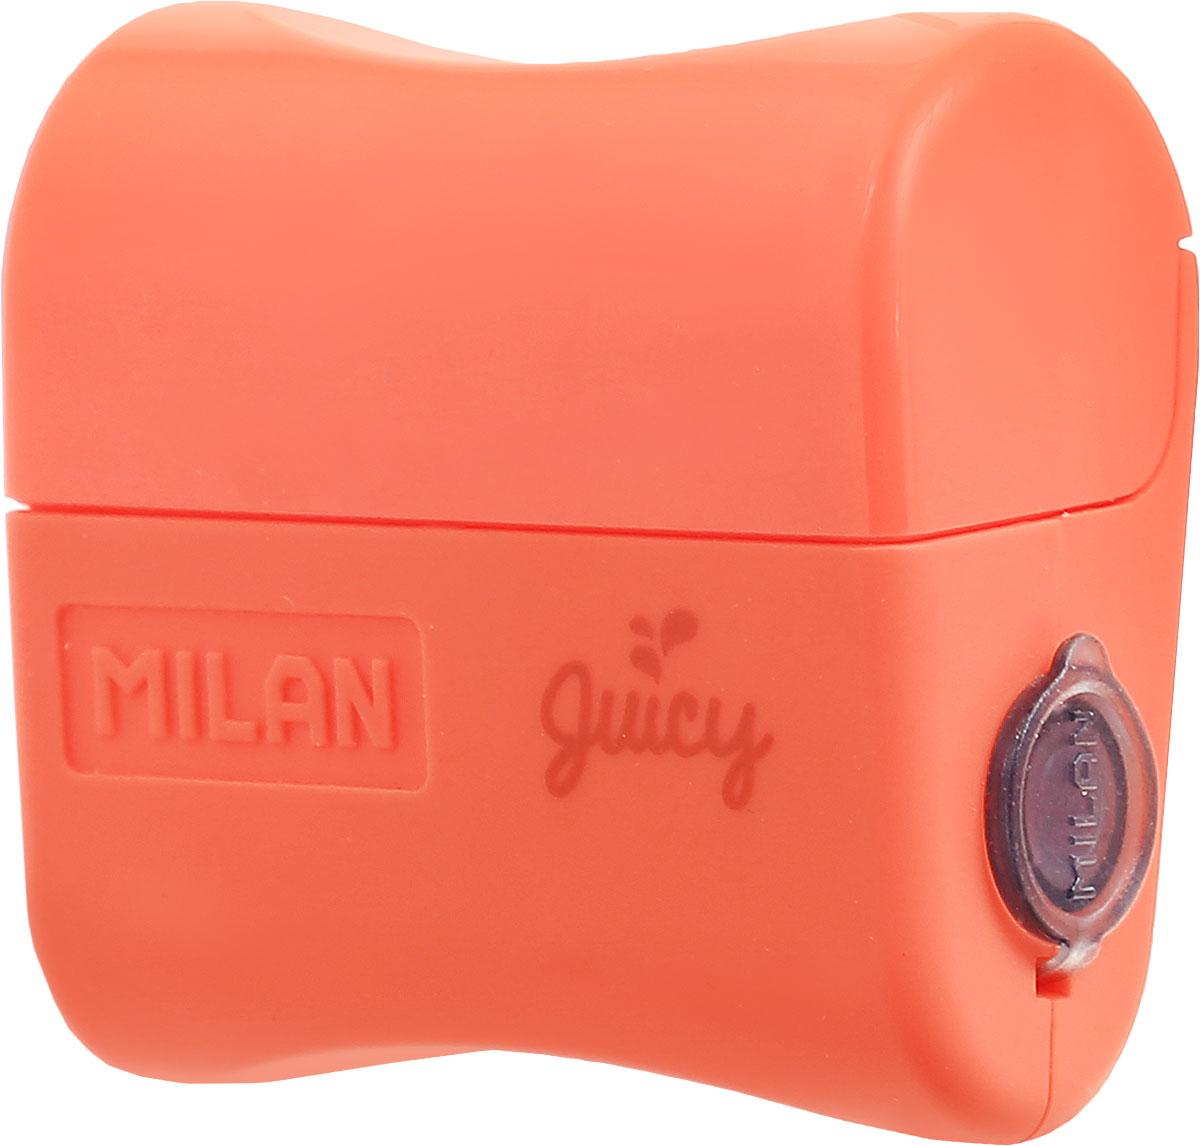 Milan Точилка Juicy с контейнером цвет оранжевый20164132_оранжевыйДизайнерская точилка Milan  Juicy с контейнером оснащена безопасной системой заточки.Эта система предотвращает отделение лезвия от точилки. Идеально подходит для использования в школах. Стальное лезвие острое и устойчиво к повреждению. Идеально подходит для заточки графитовых и цветных карандашей.